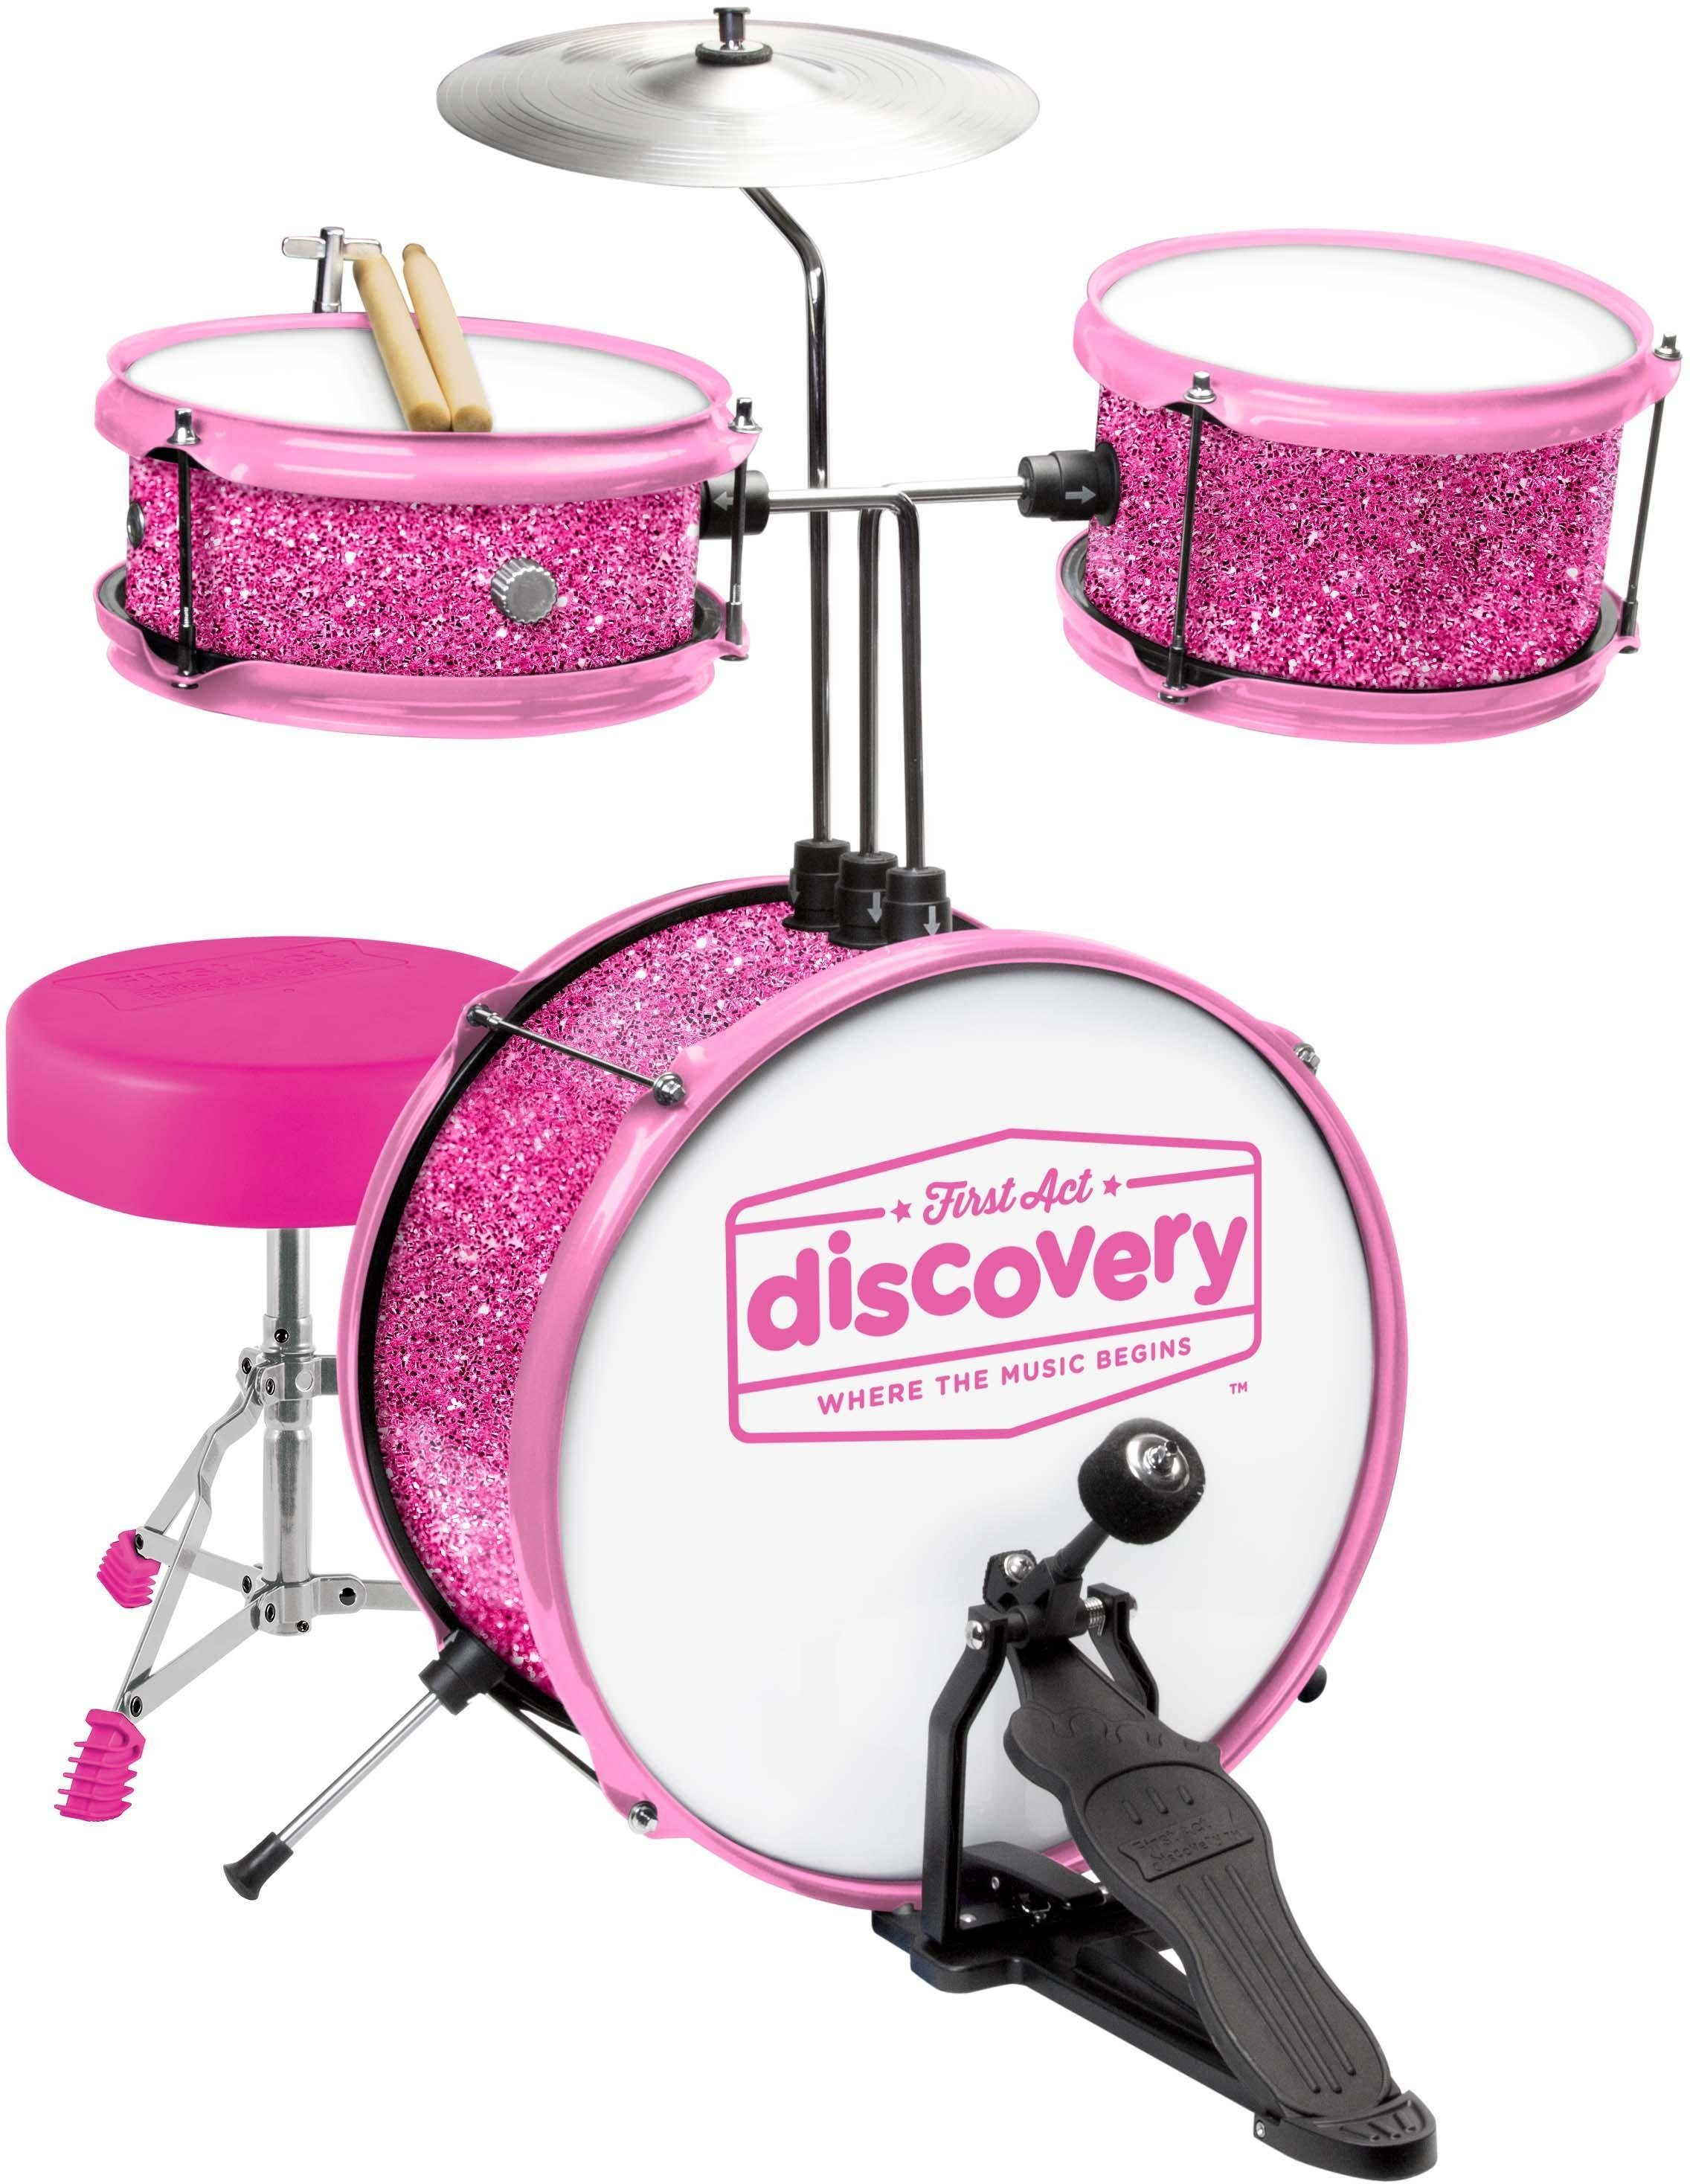 Kinderschlagzeugset mit Sitz, »First Act Discovery, pinkes Glitzerdesign«